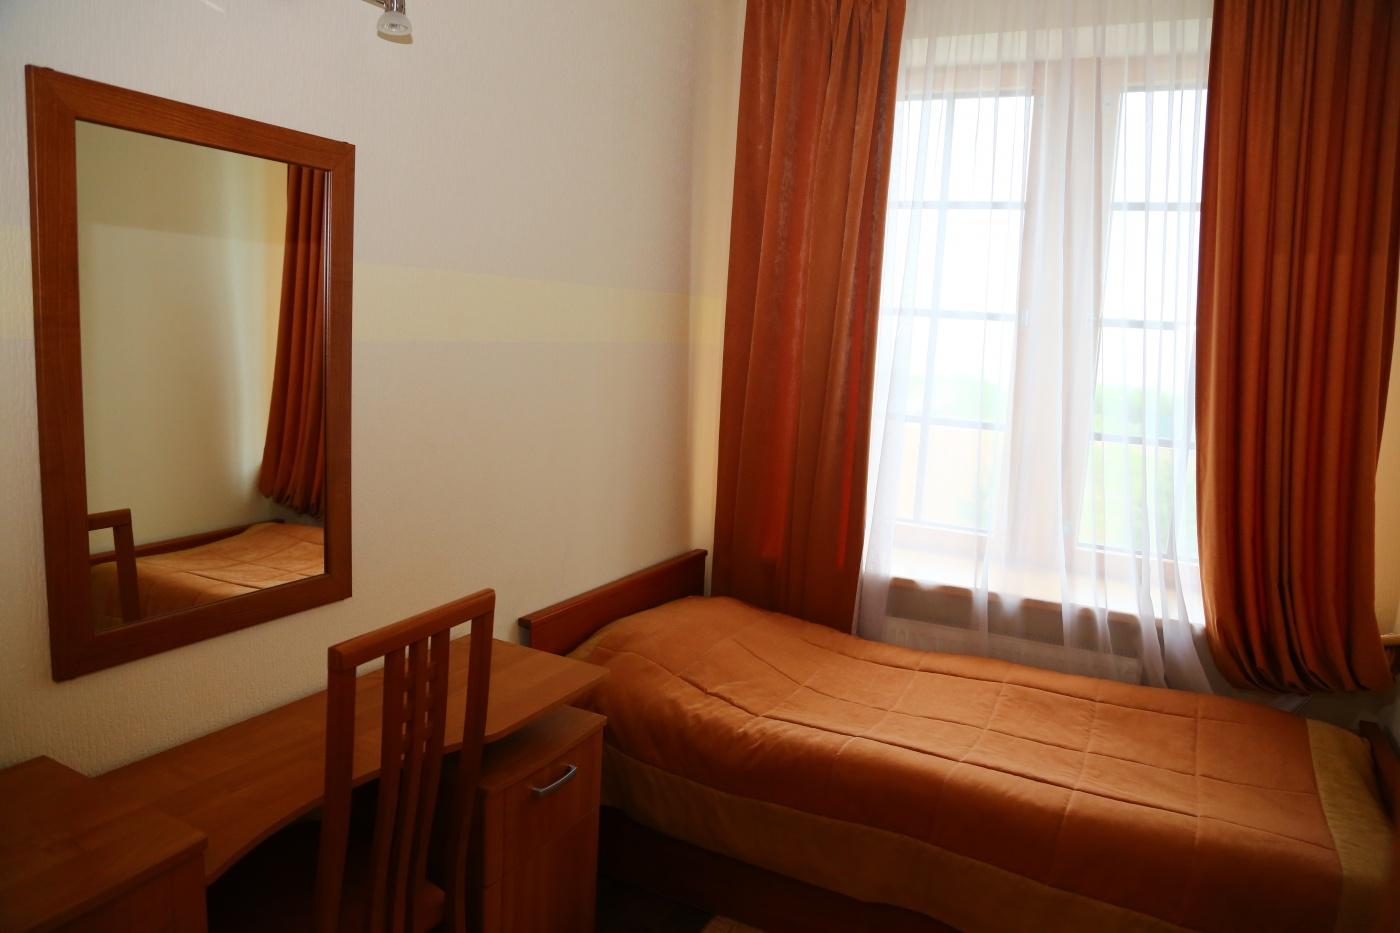 Загородный отель «Плесков» Псковская область Апартаменты № 4, фото 3